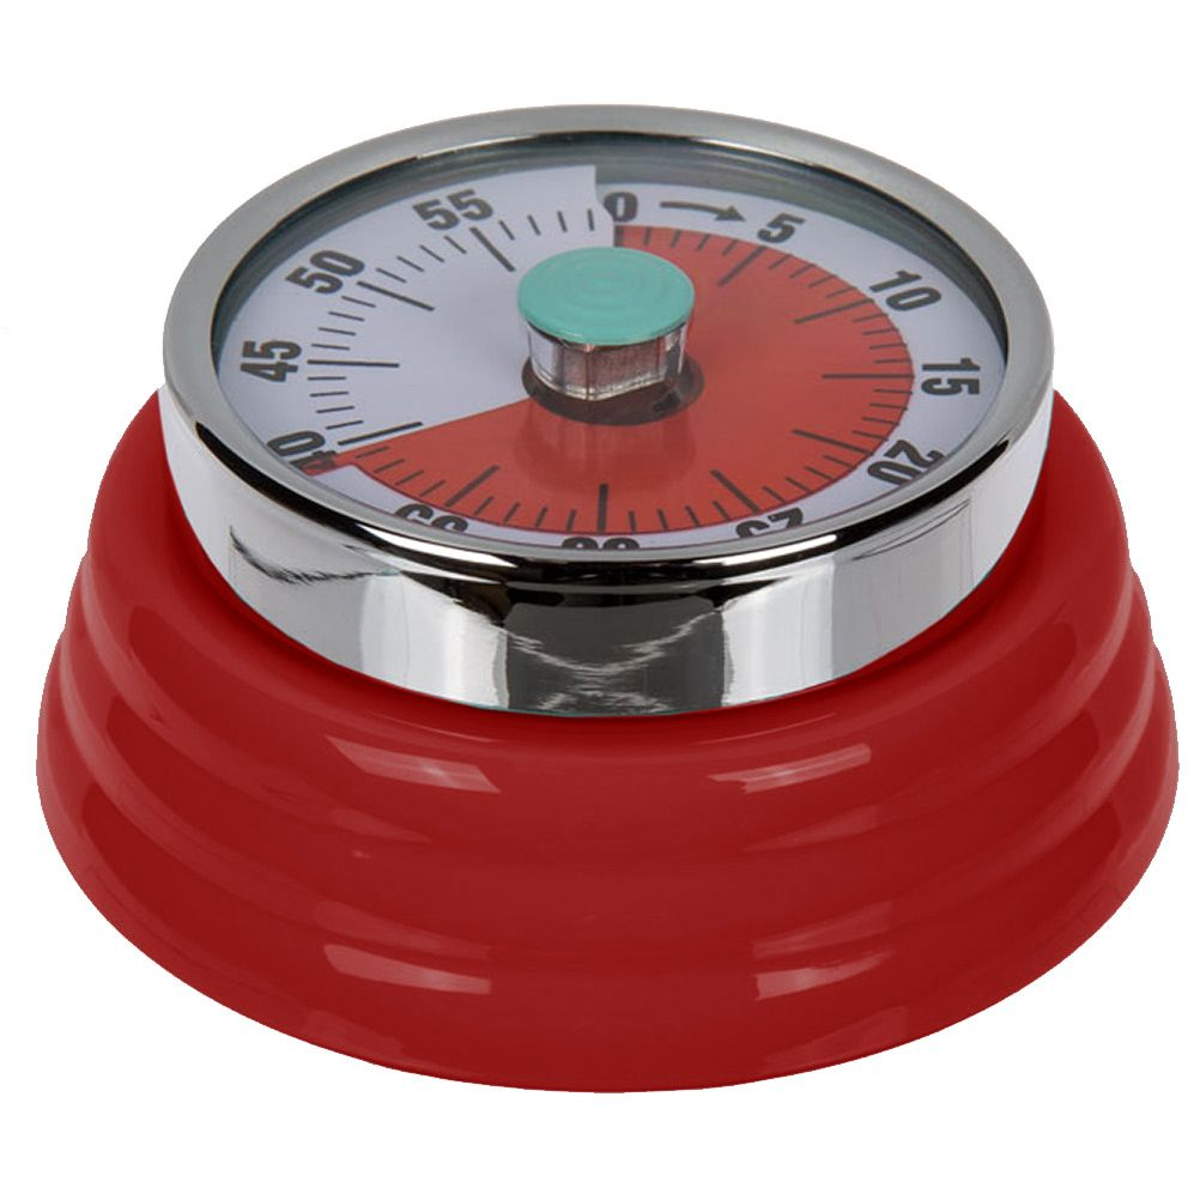 Minuteur de cuisine r tro rouge for Cuisine retro rouge